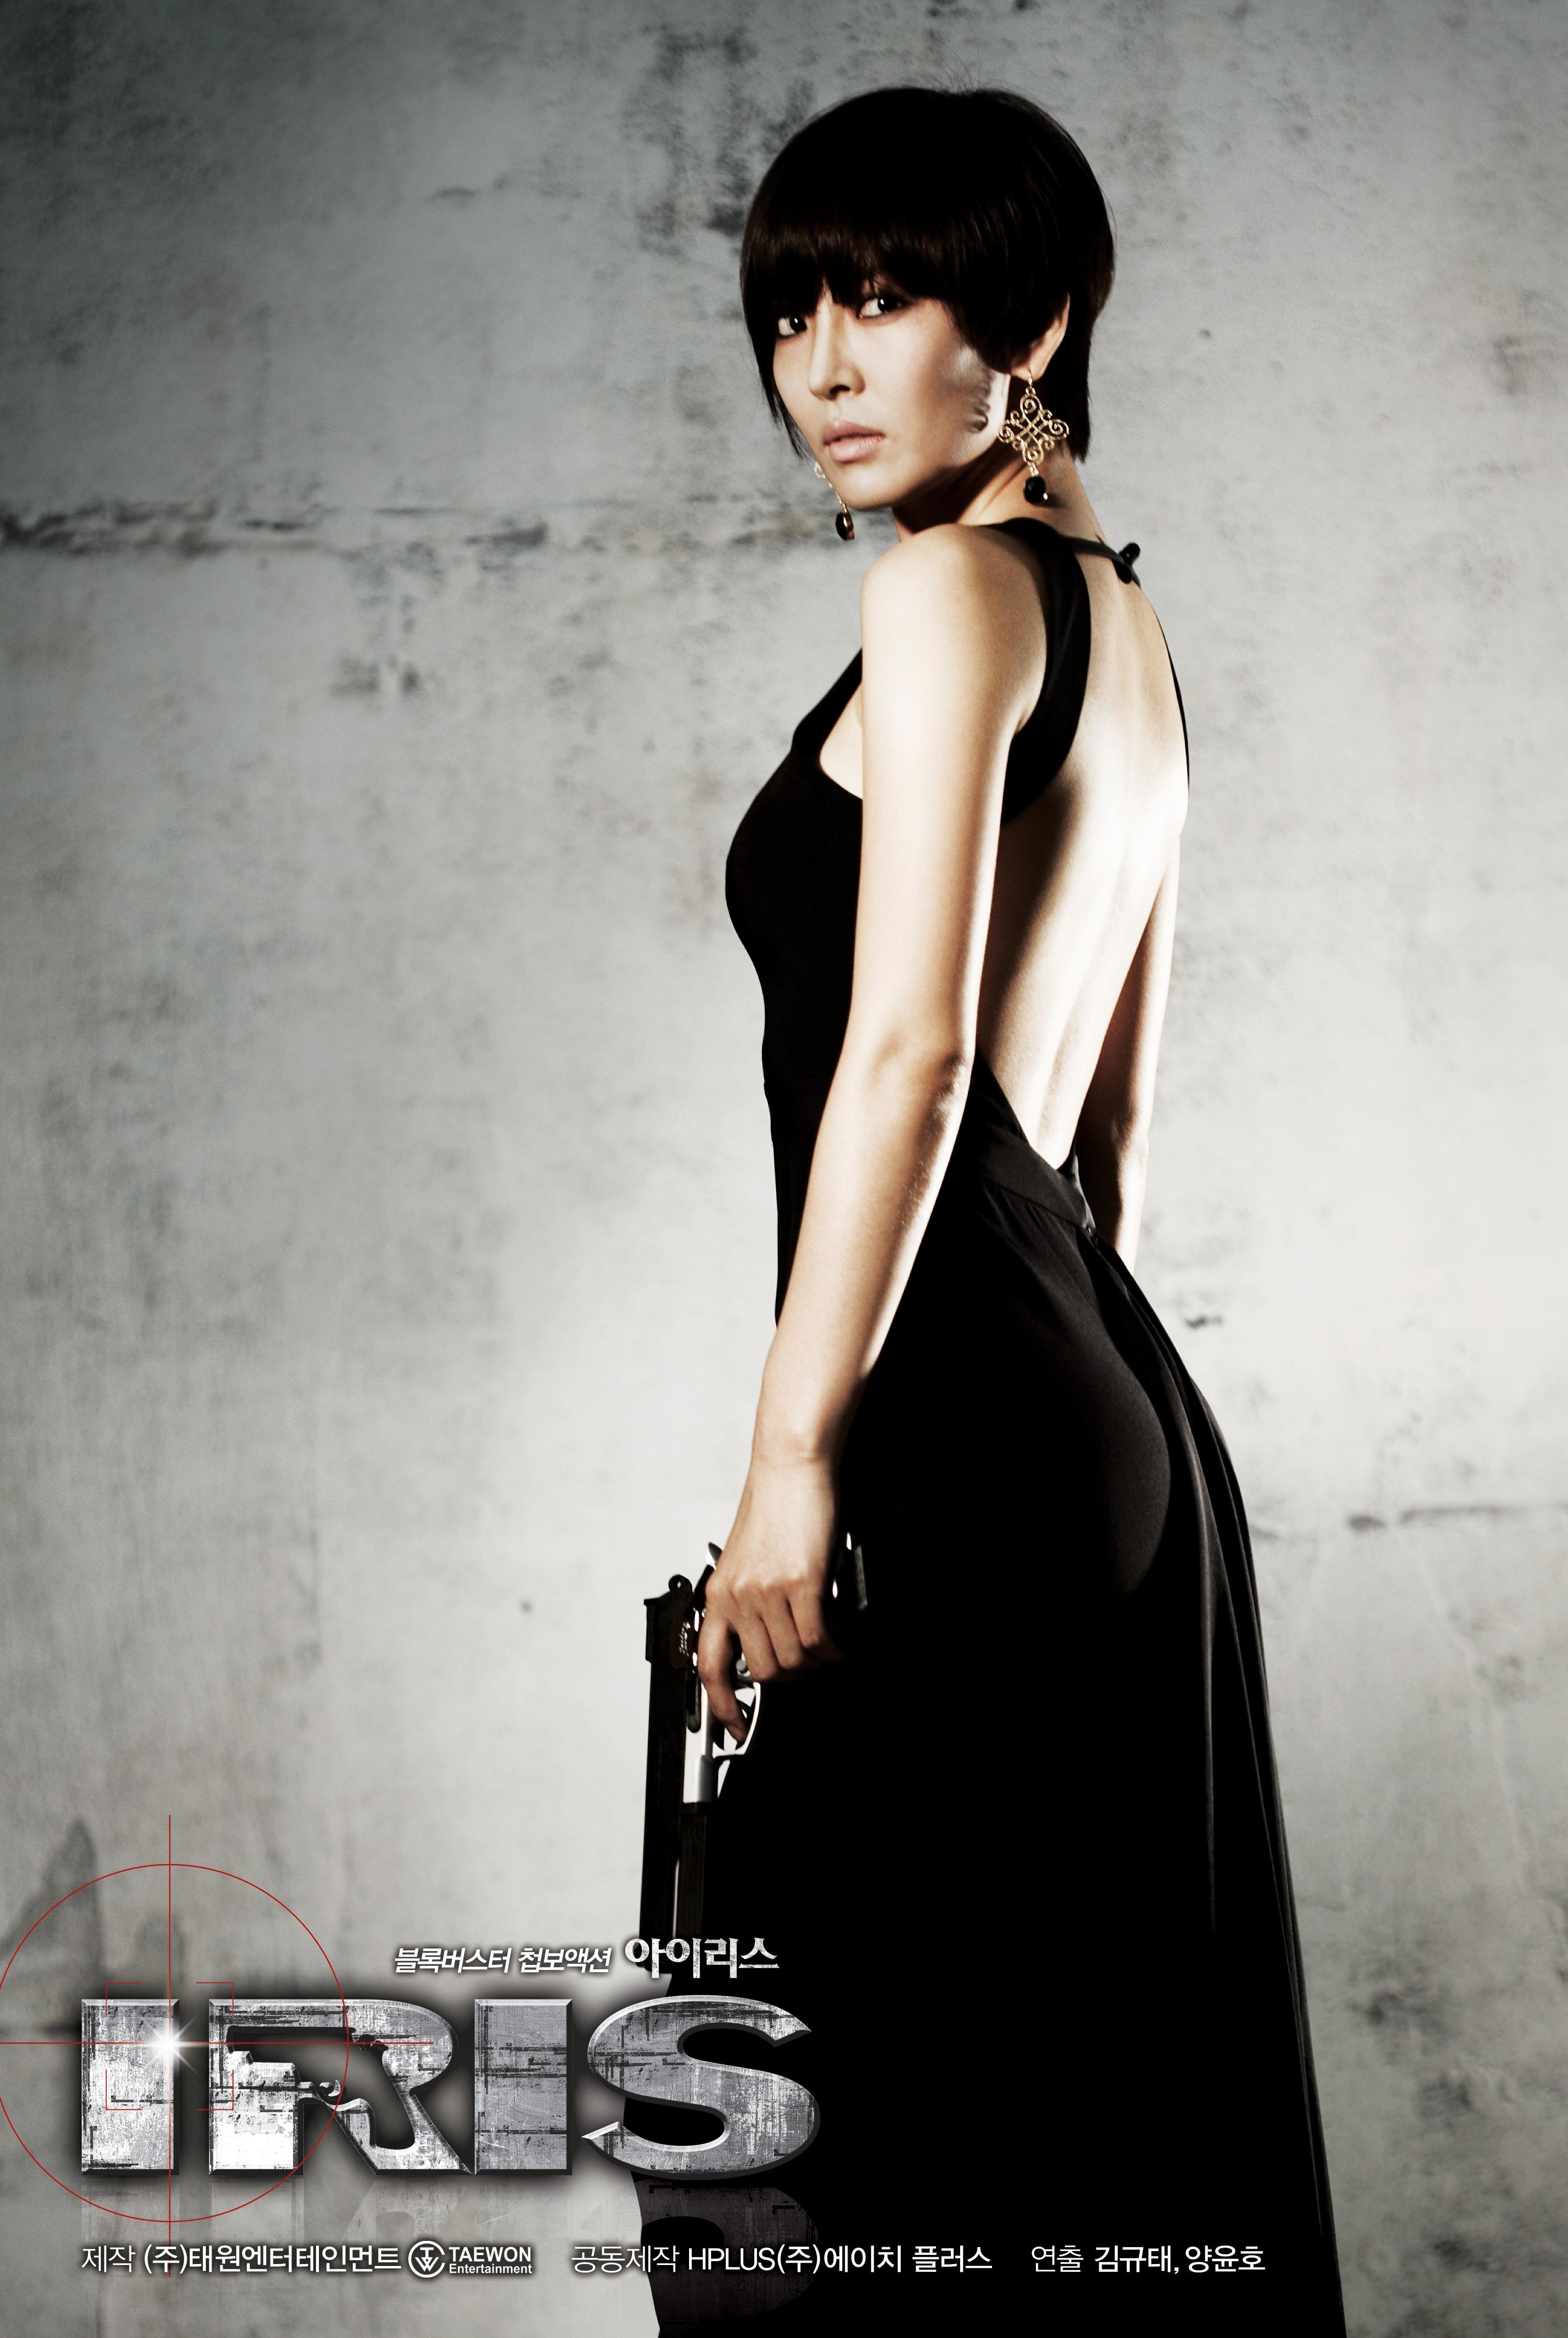 [韓劇] 아이리스 (特務情人IRIS) (2009) 30e757d3cdd04730a9f927516b2f6287